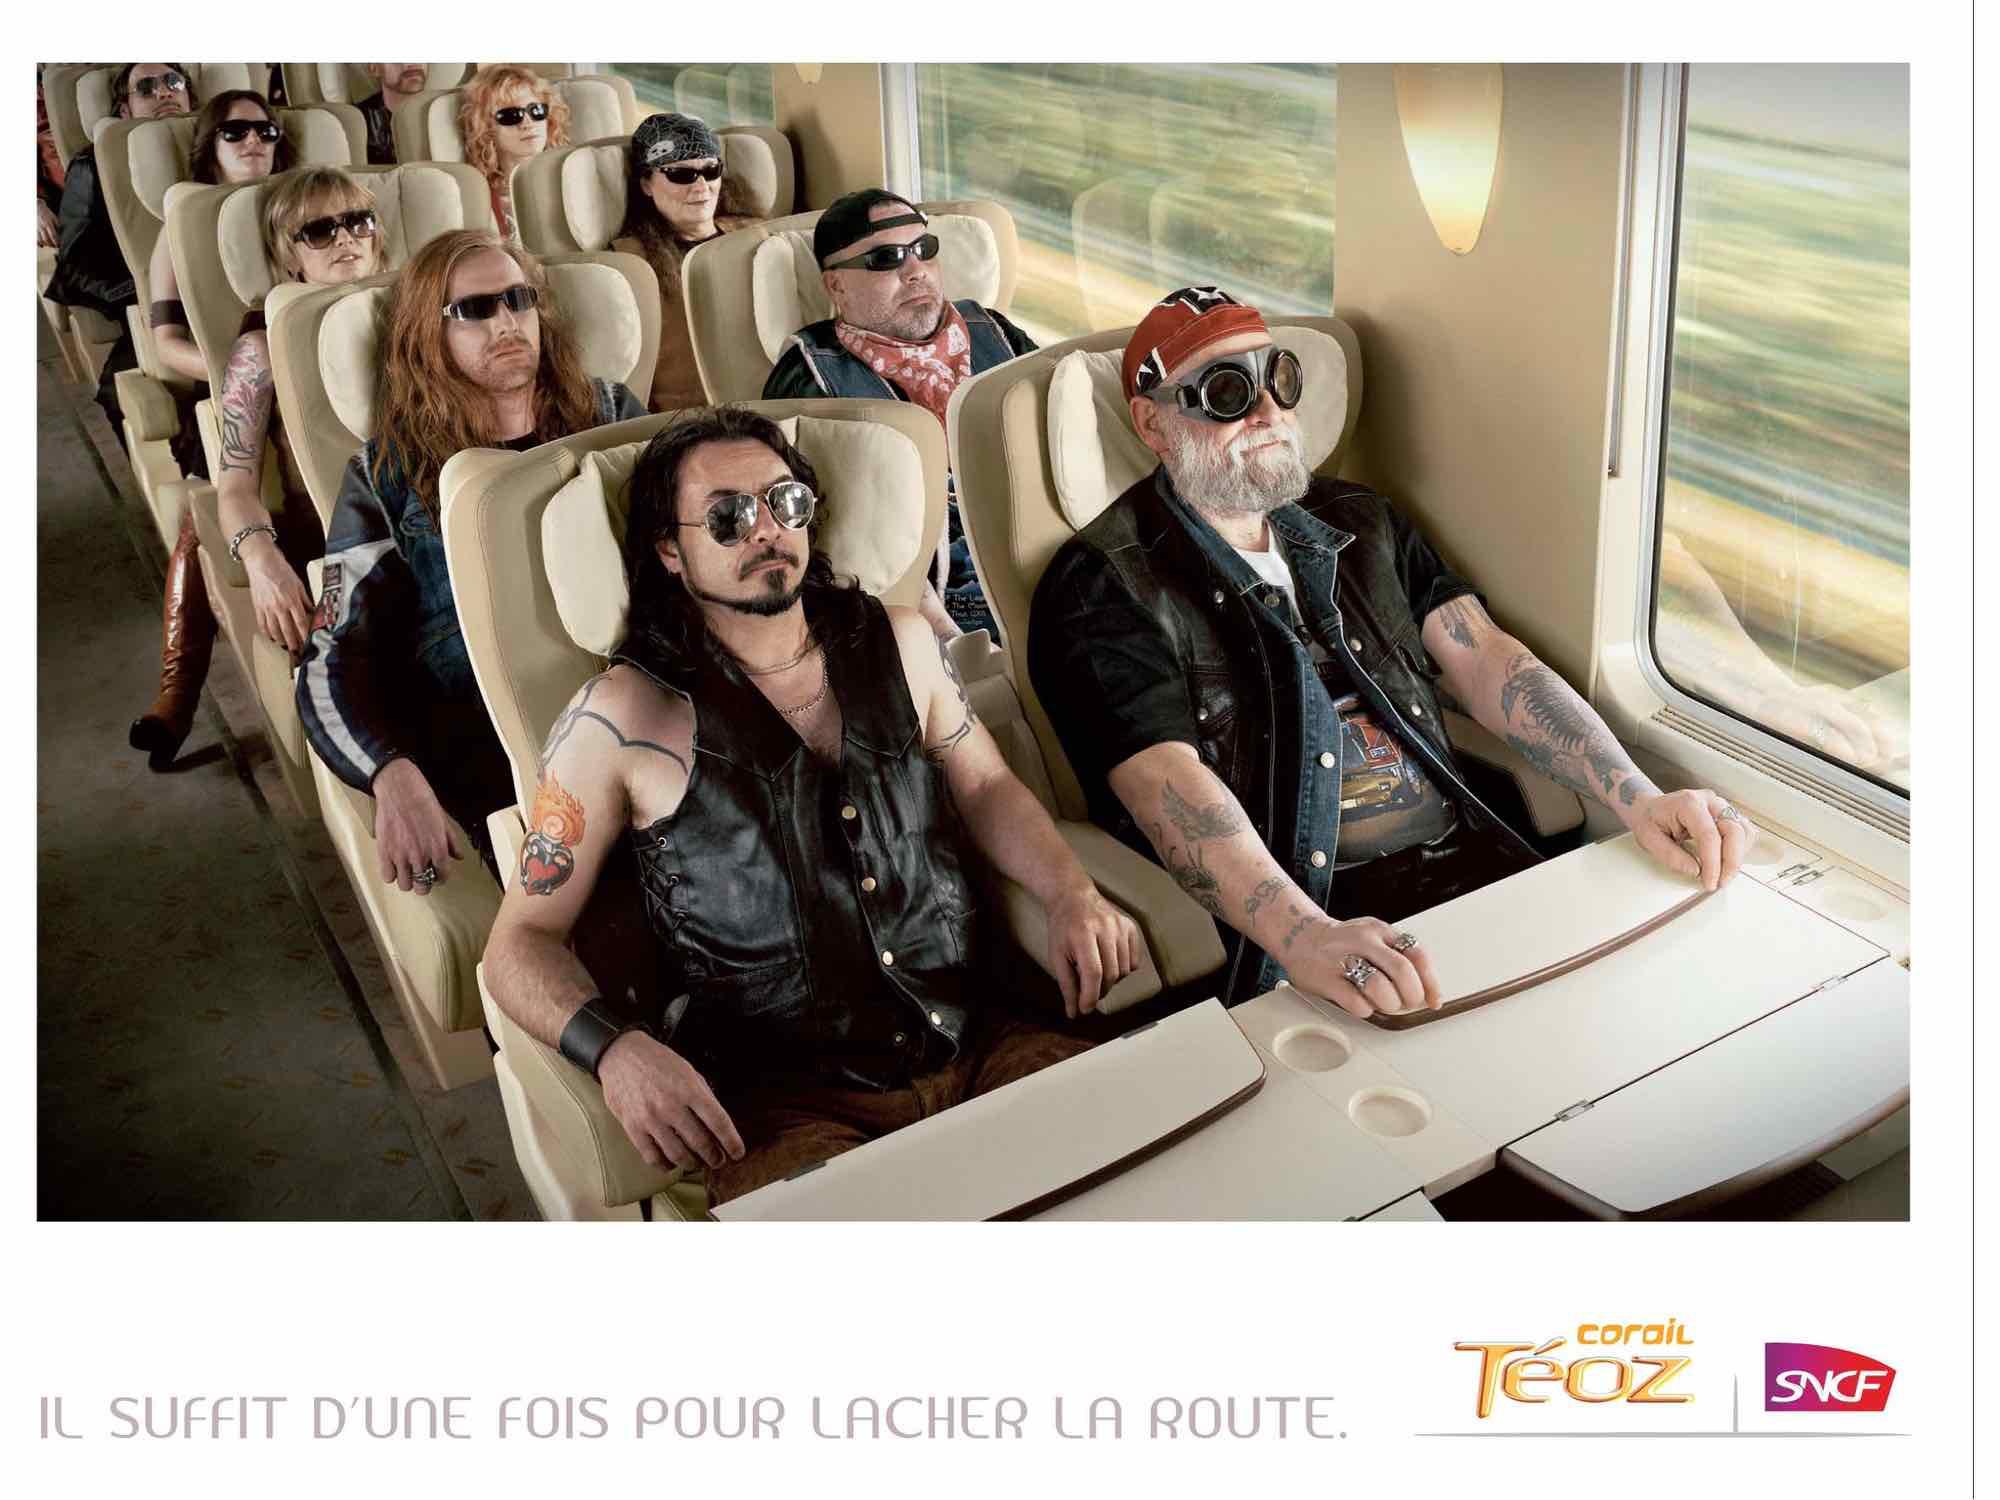 horde de Bikers dans un train sagement assis, image iconique.